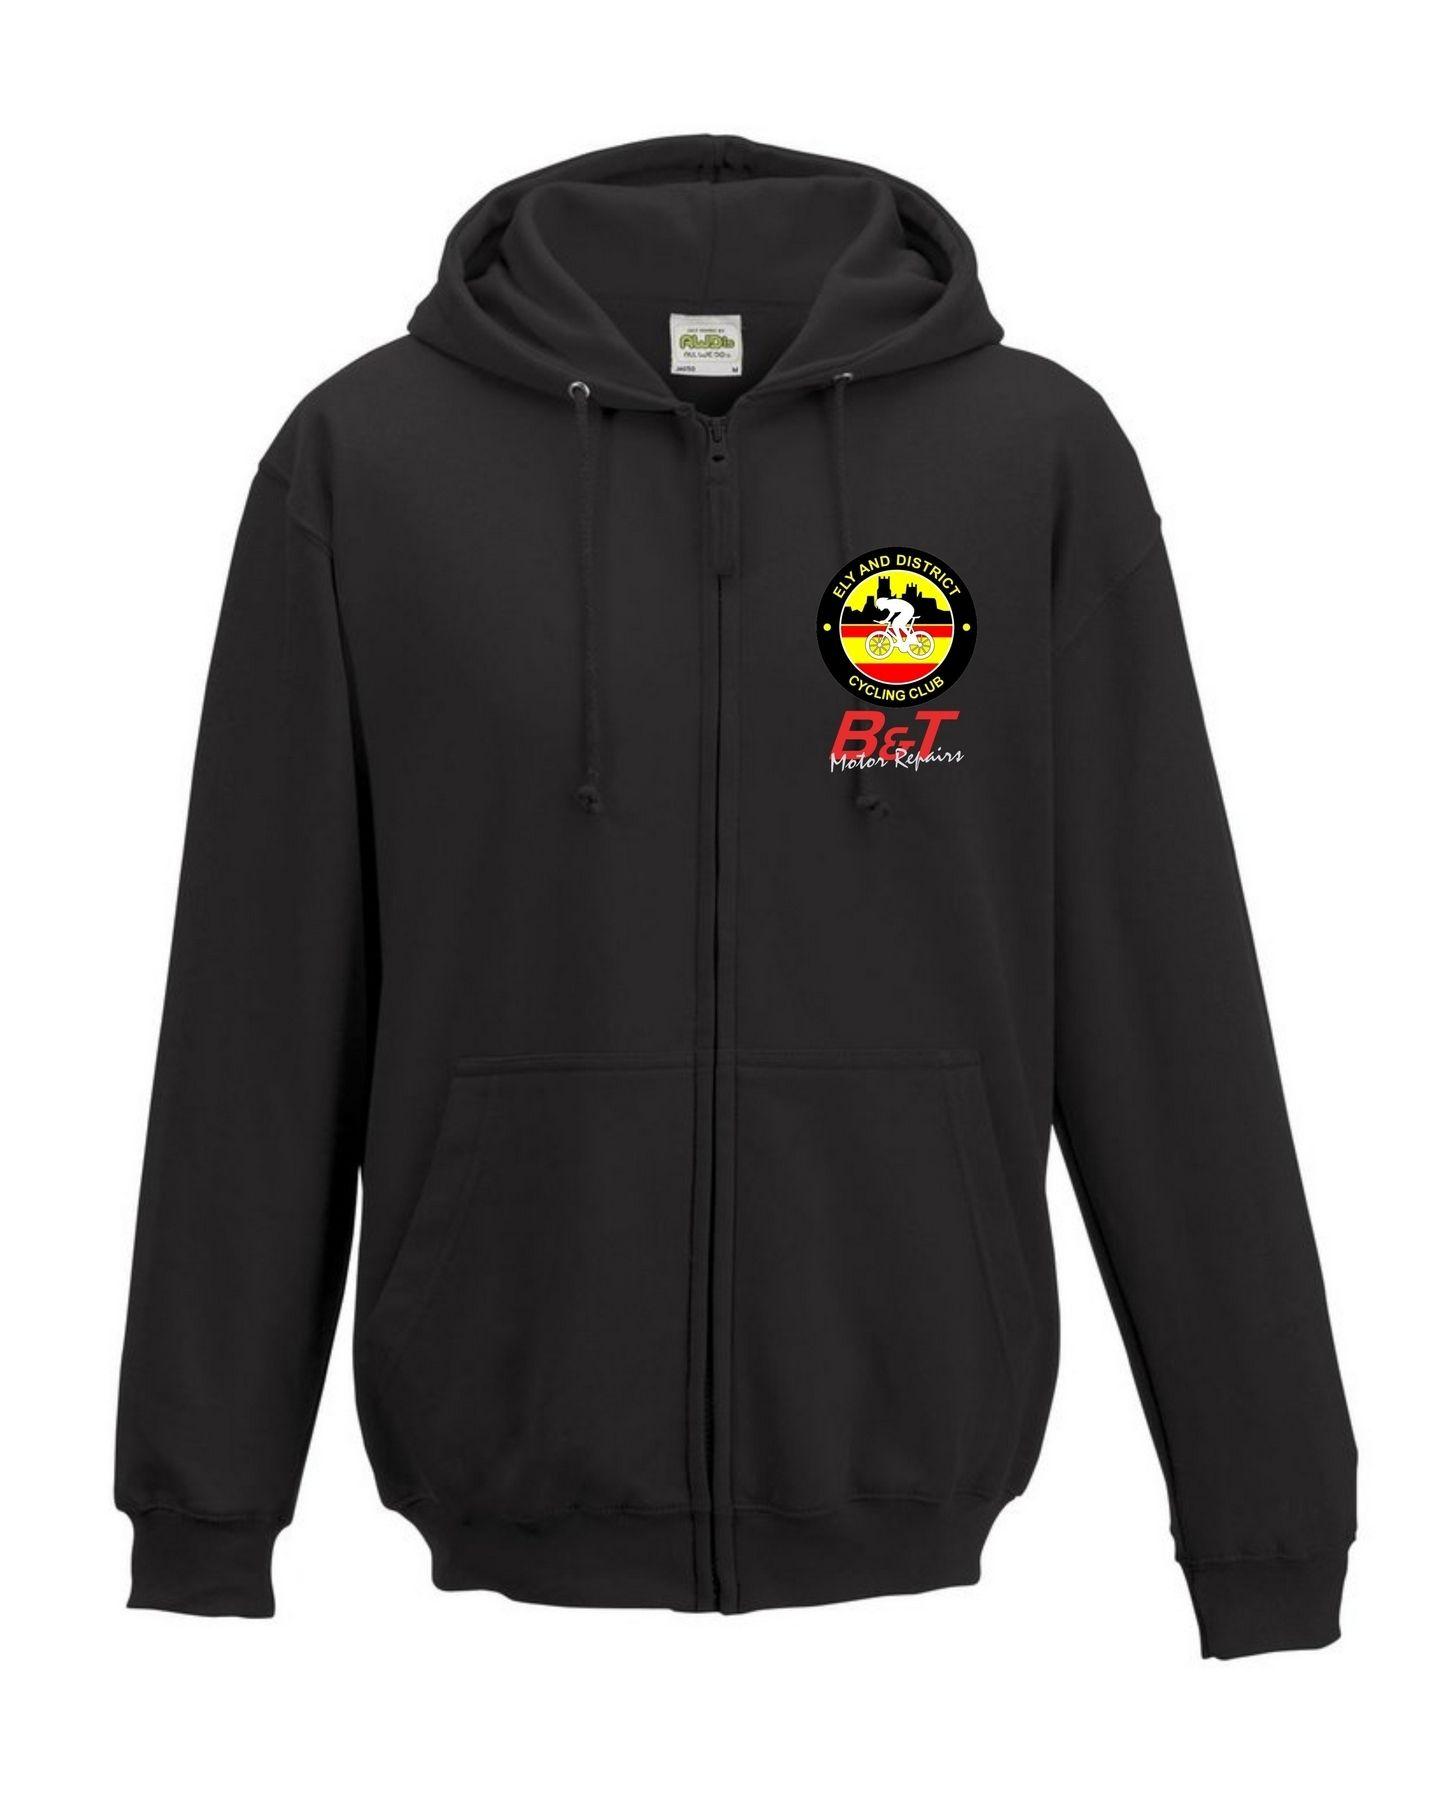 EDCC – Zip Hoodie in Black